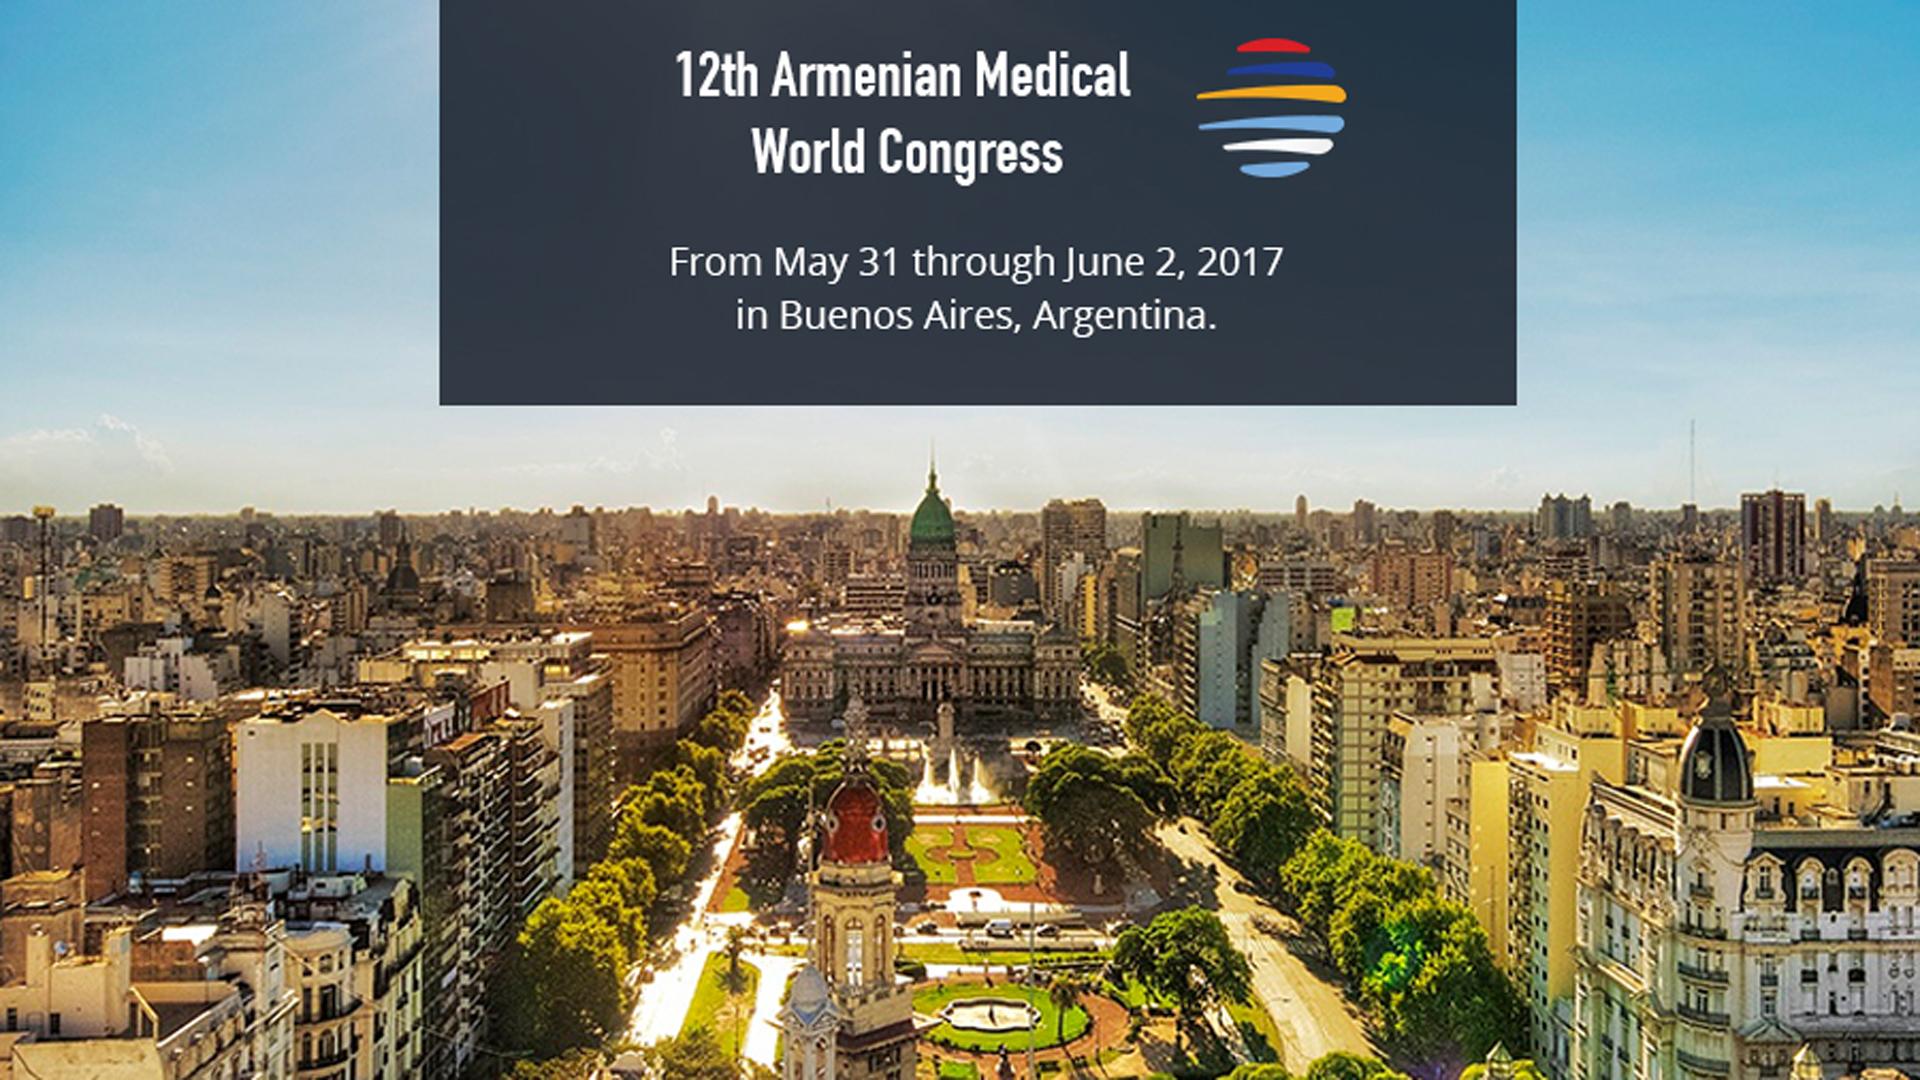 La Argentina recibirá del 31 de mayo al 2 de junio uno de los congreso de salud más prestigiosos